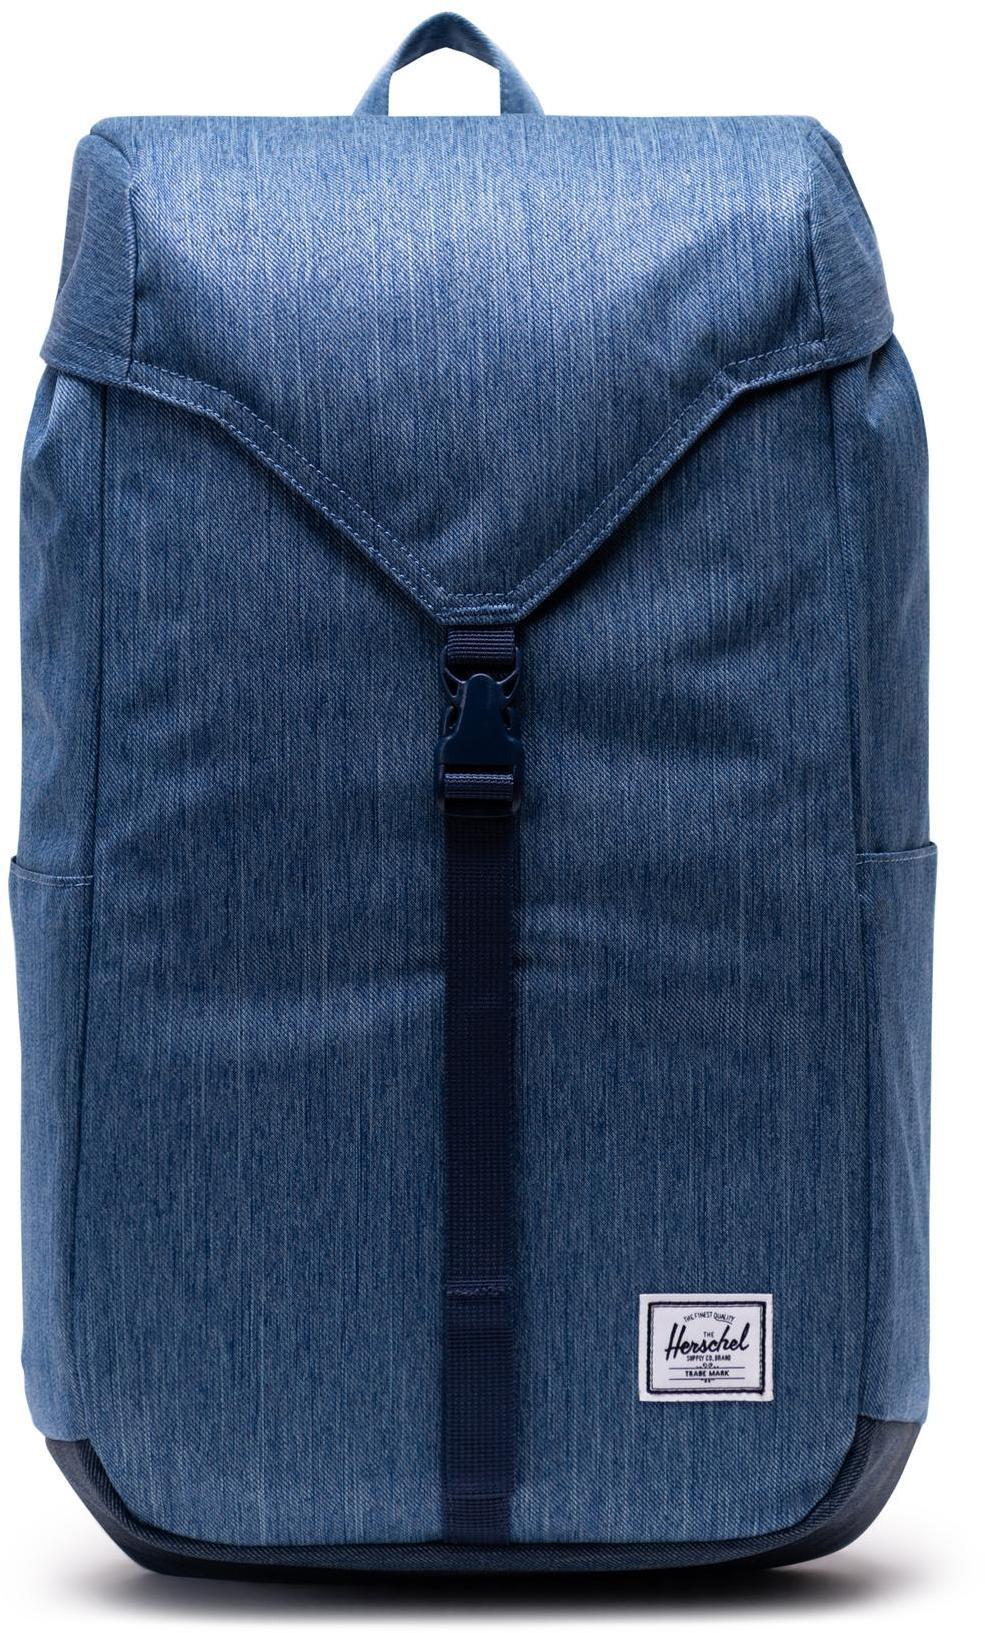 Herschel Thompson Backpack 17L, faded denim/indigo denim (2019)   Rygsæk og rejsetasker